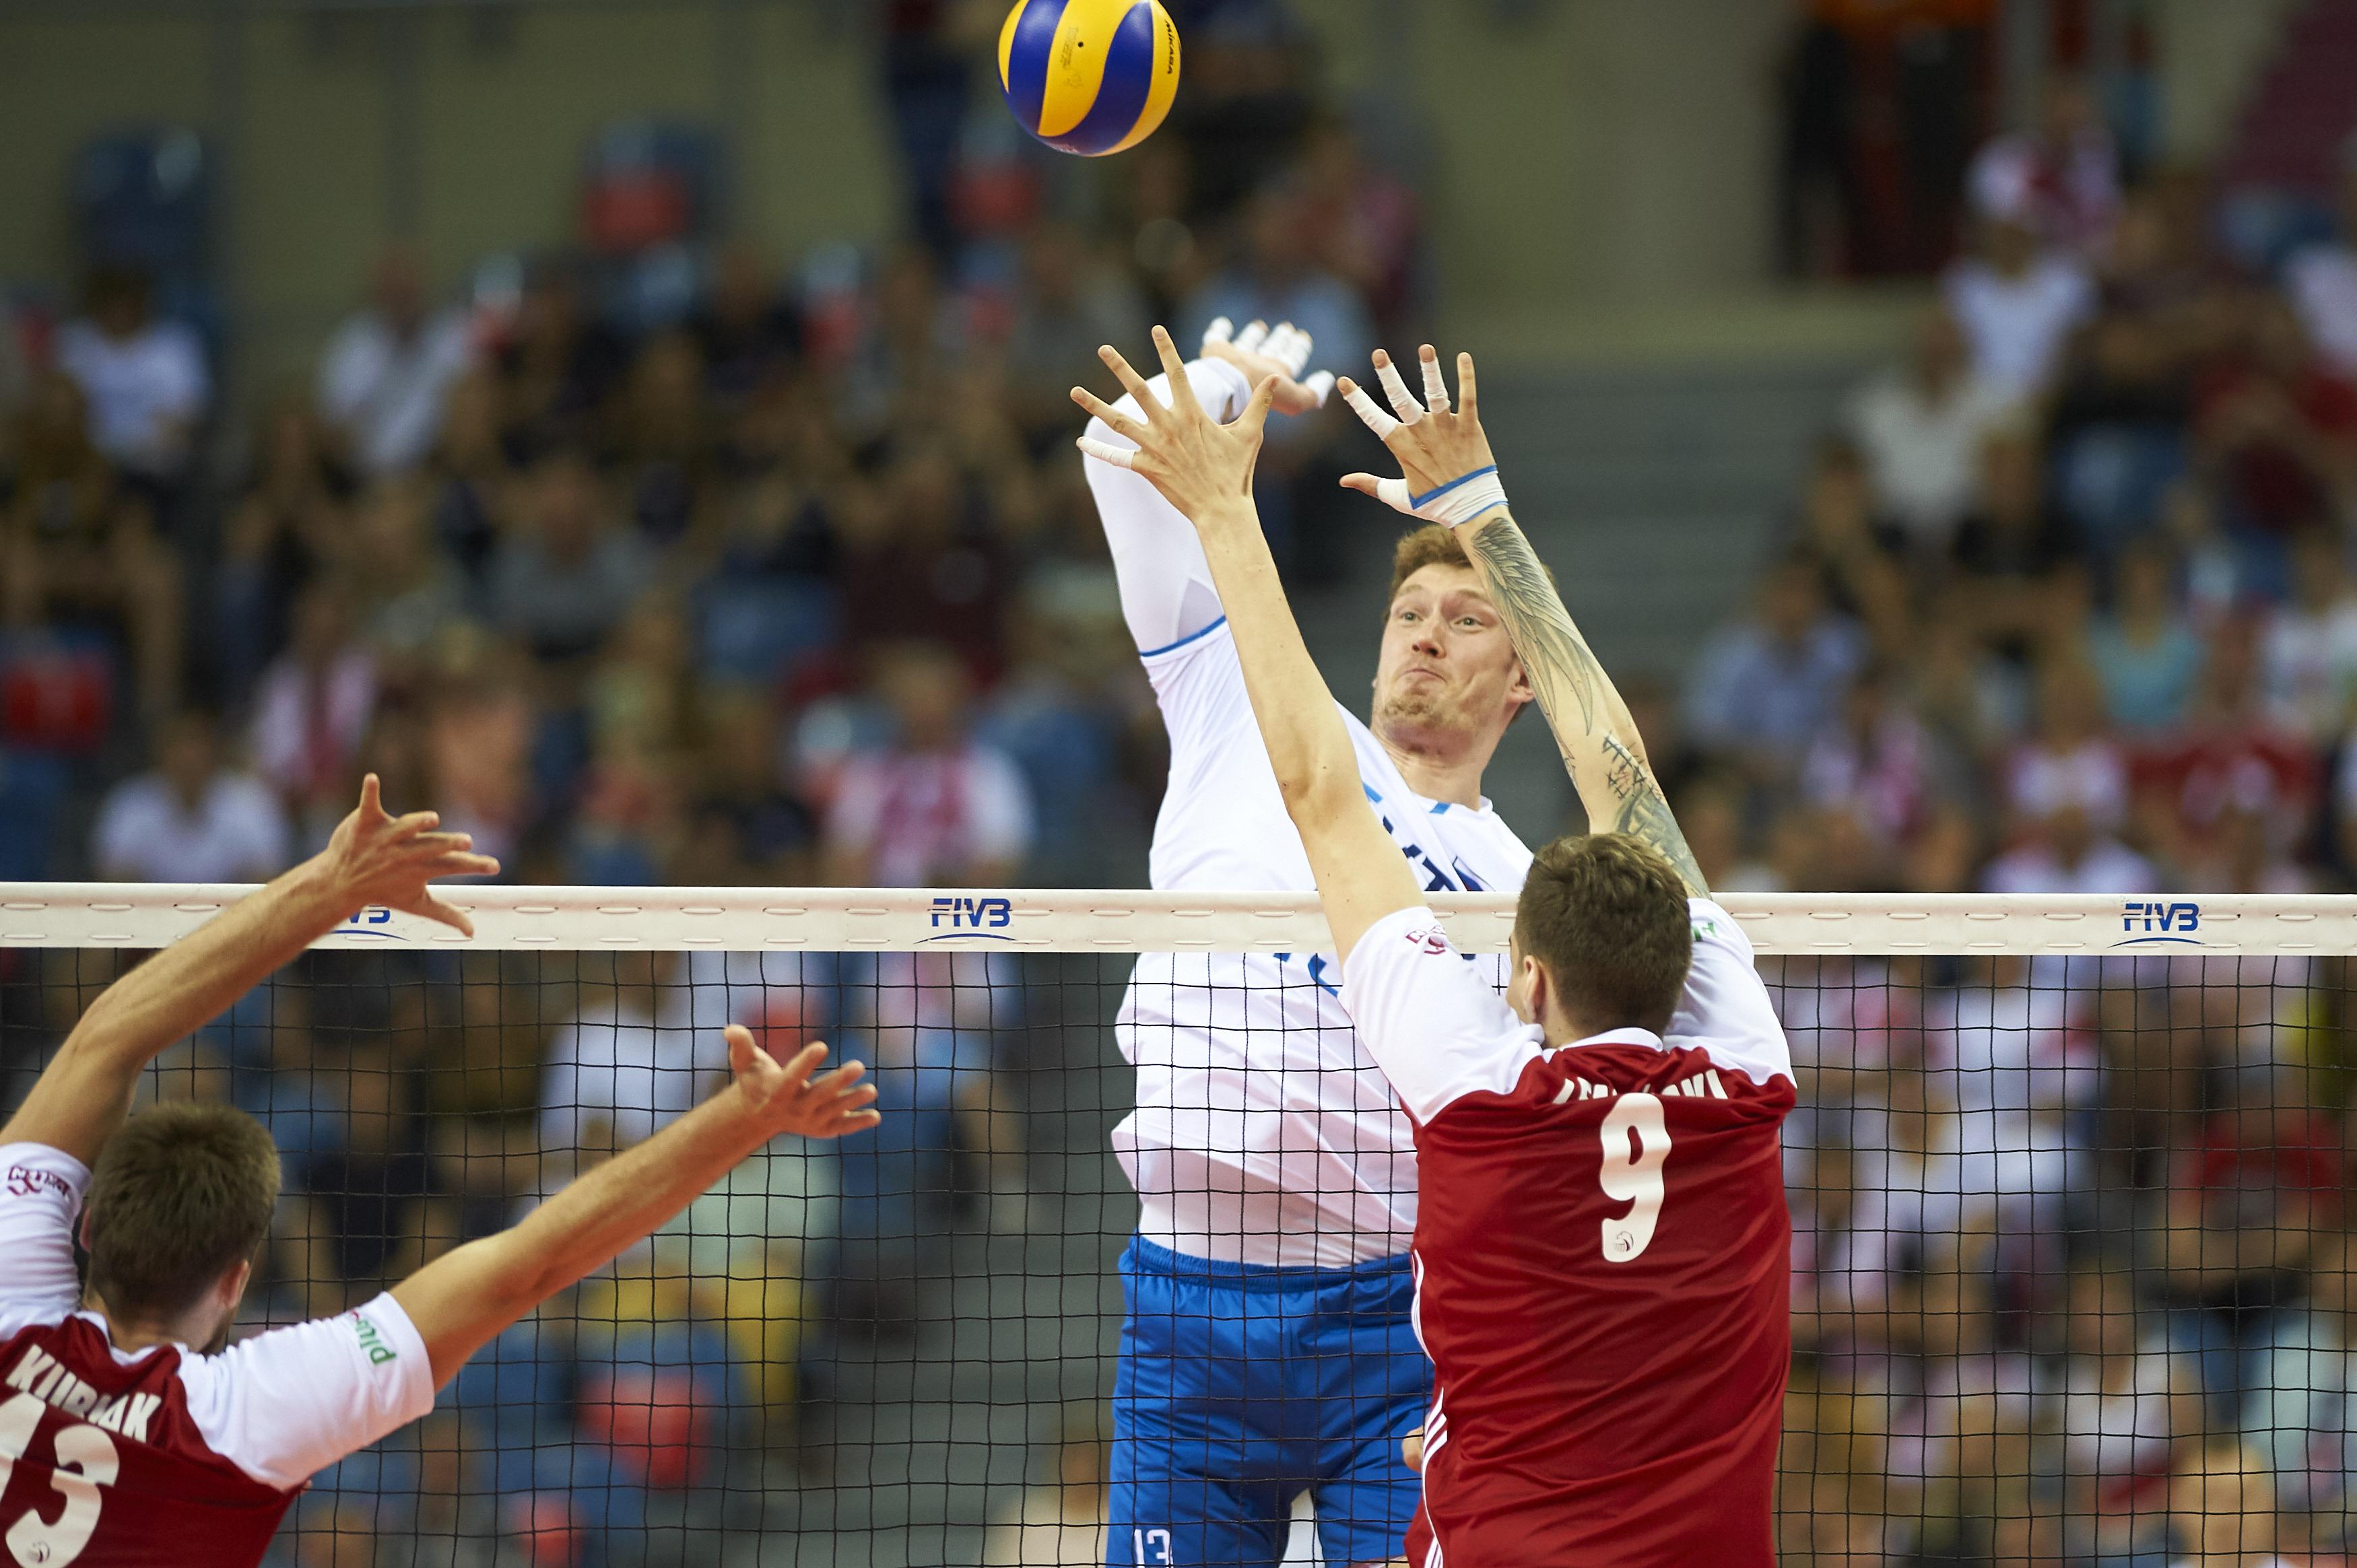 Дмитрий Мусэрский из мужской сборной России по волейболу